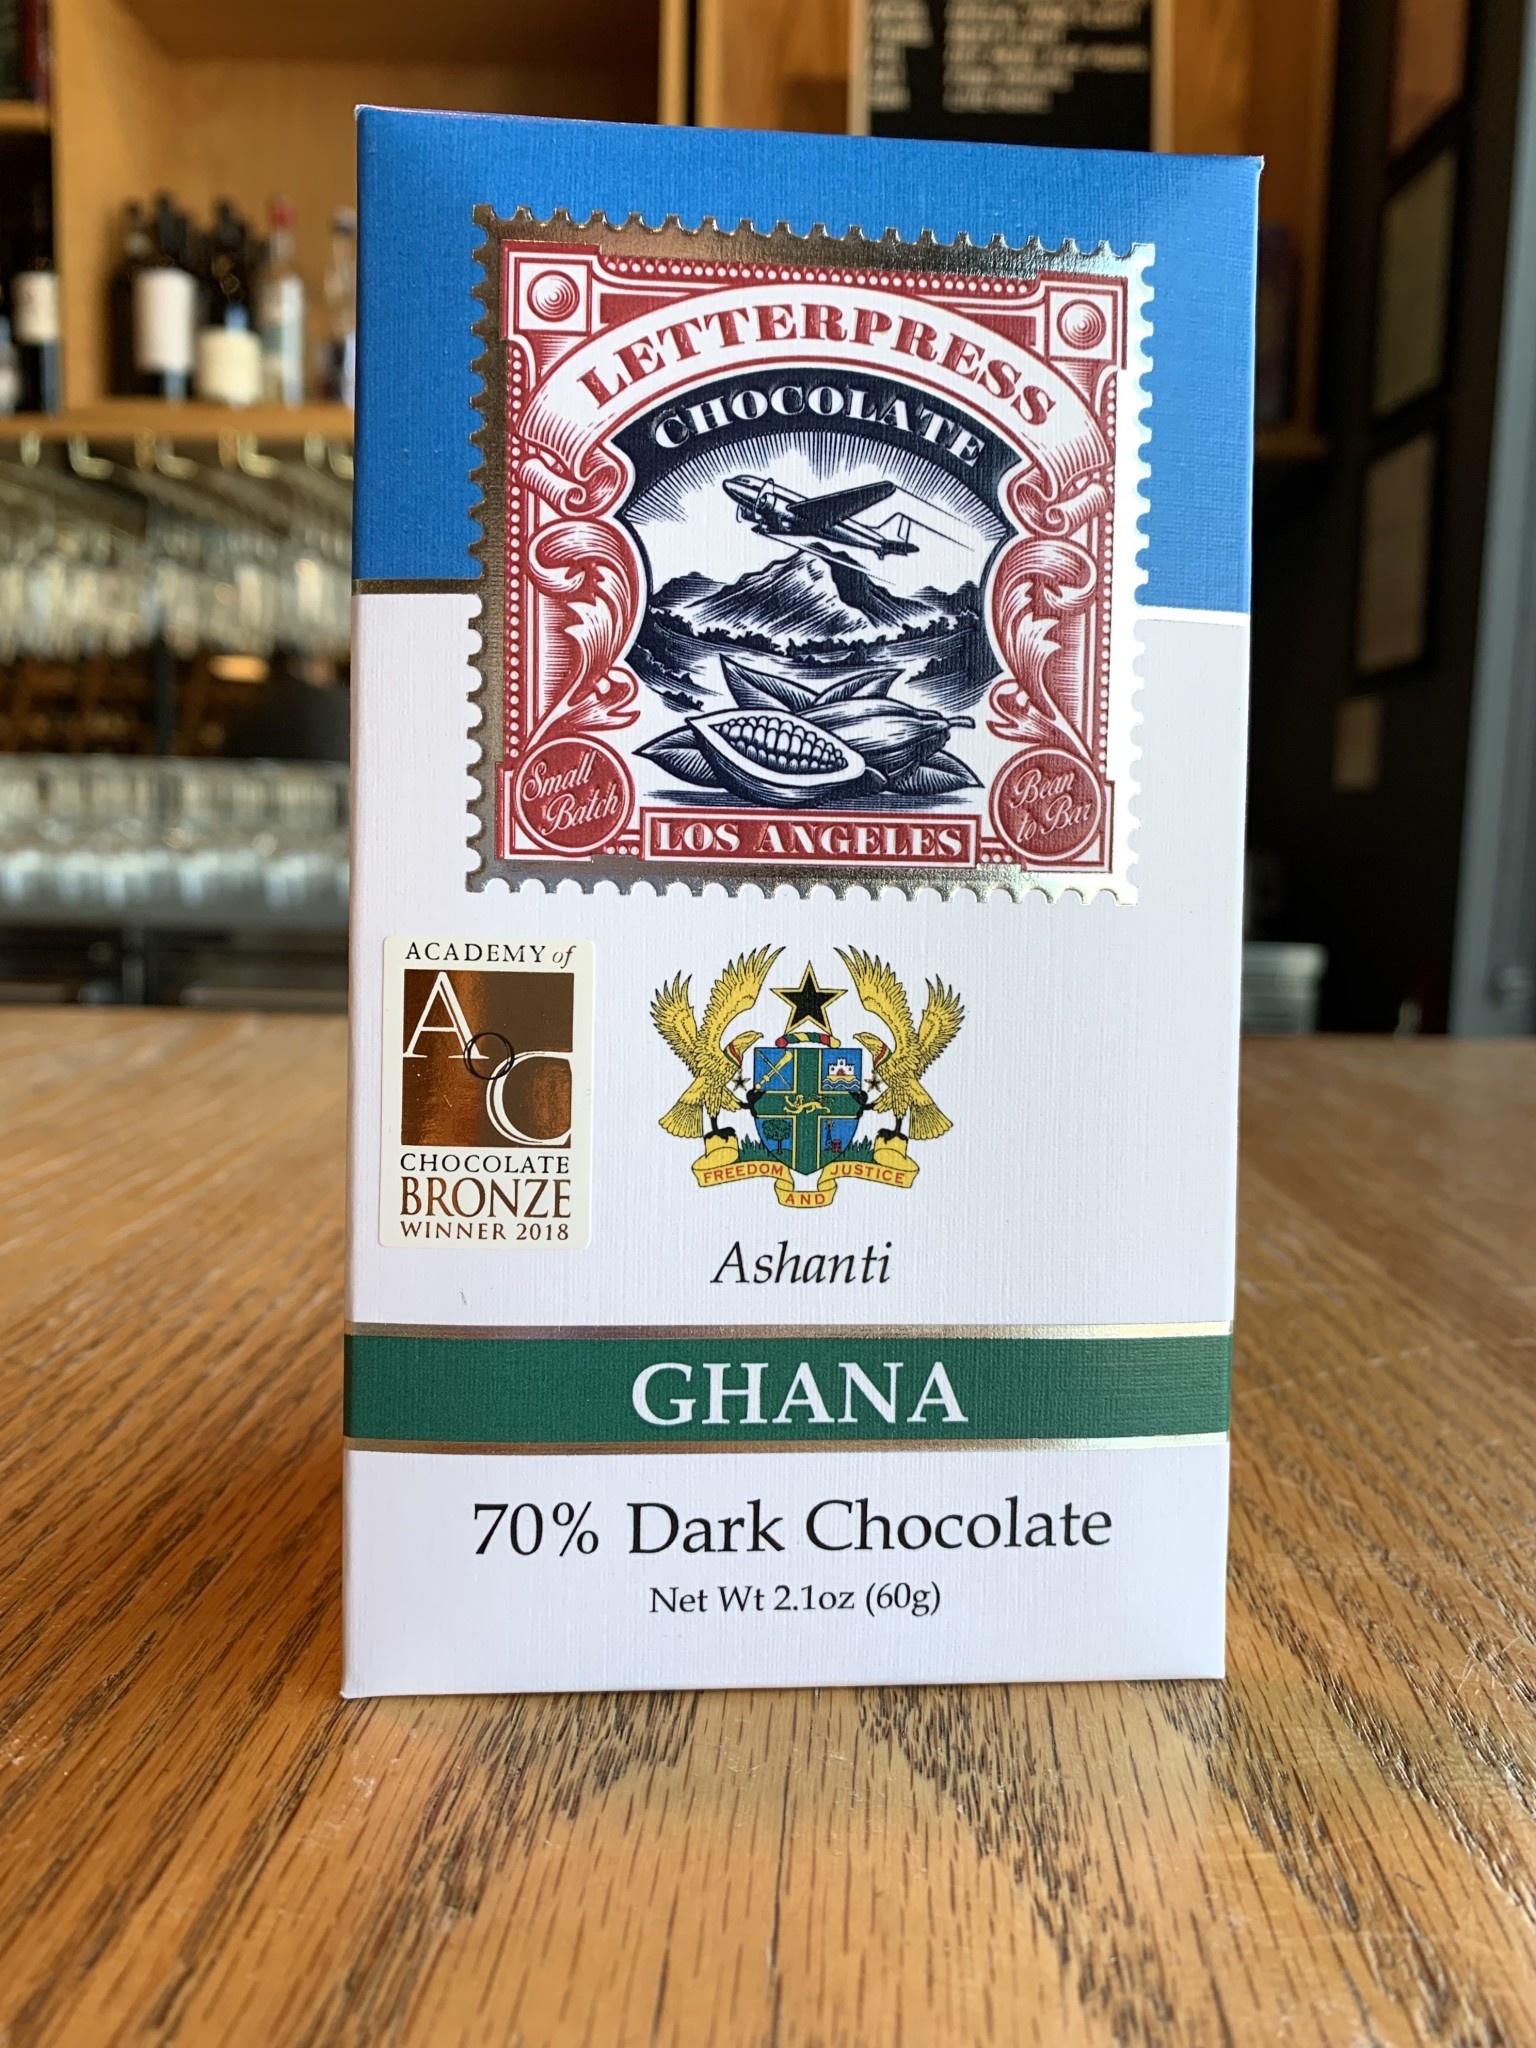 LetterPress Chocolate Letterpress Chocolate Ghana Ashanti 70% 2.1oz